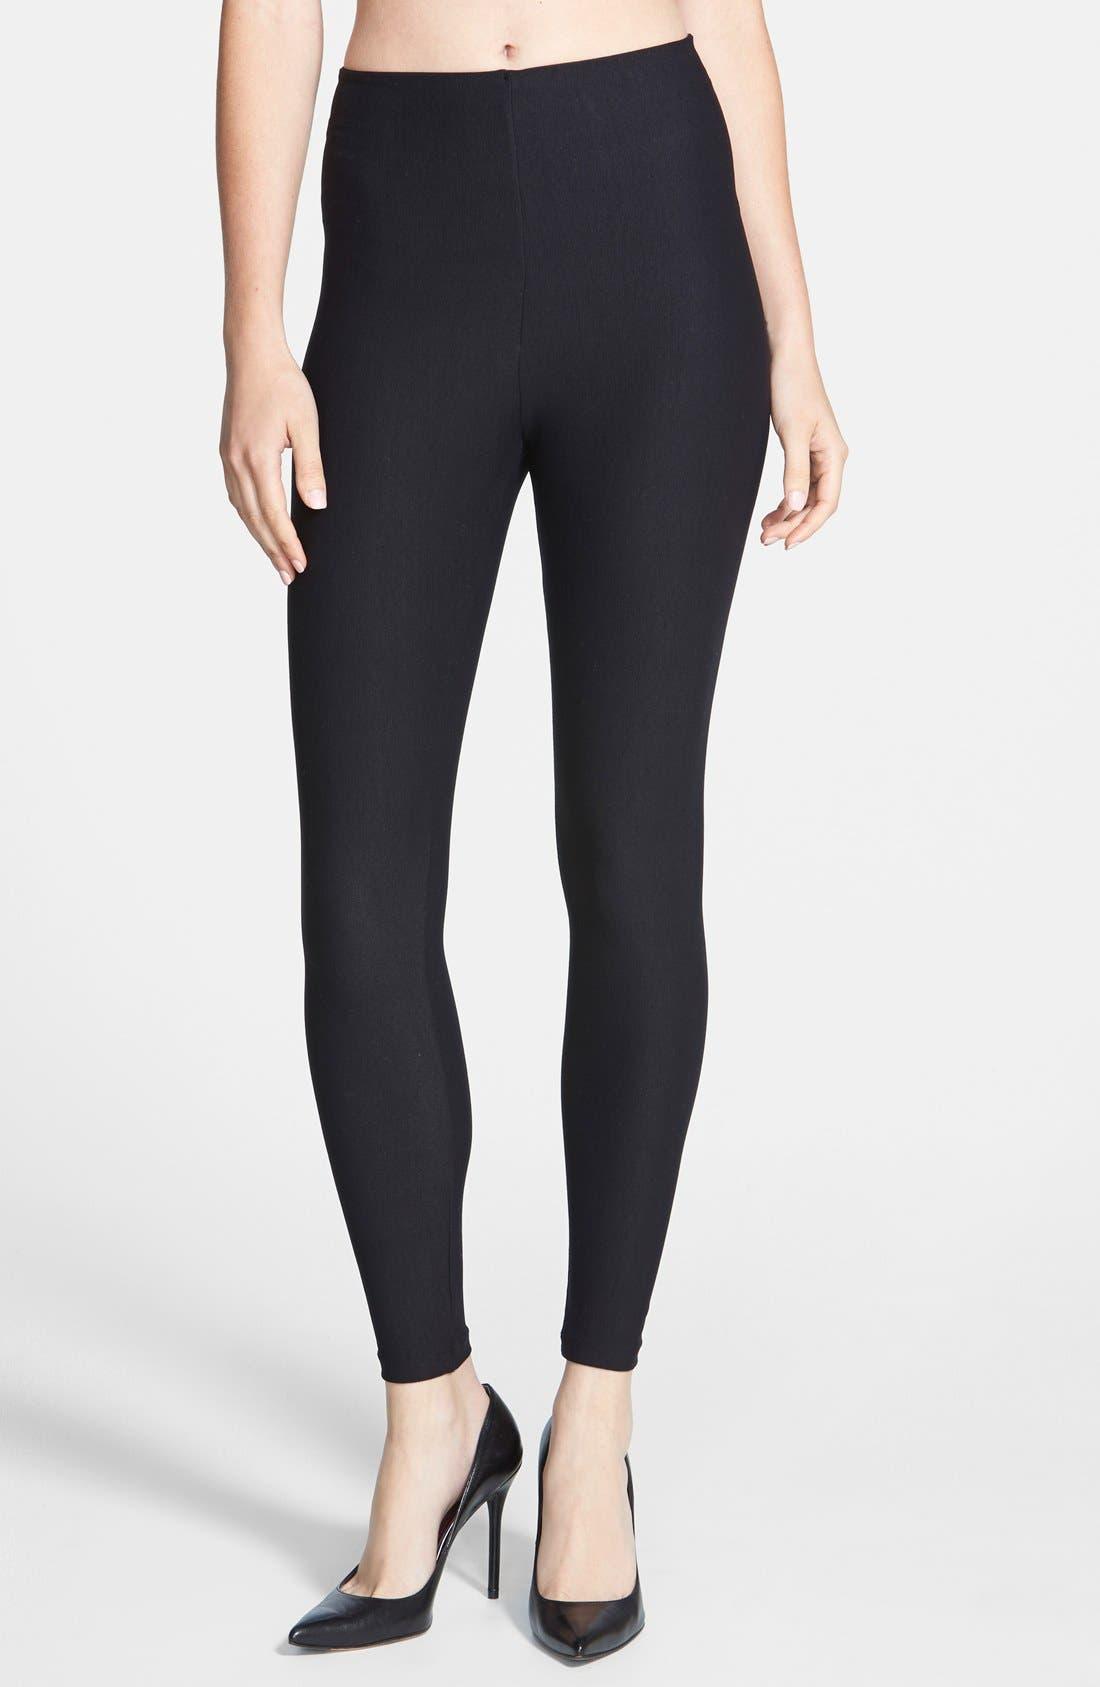 Control Top Leggings,                         Main,                         color, BLACK